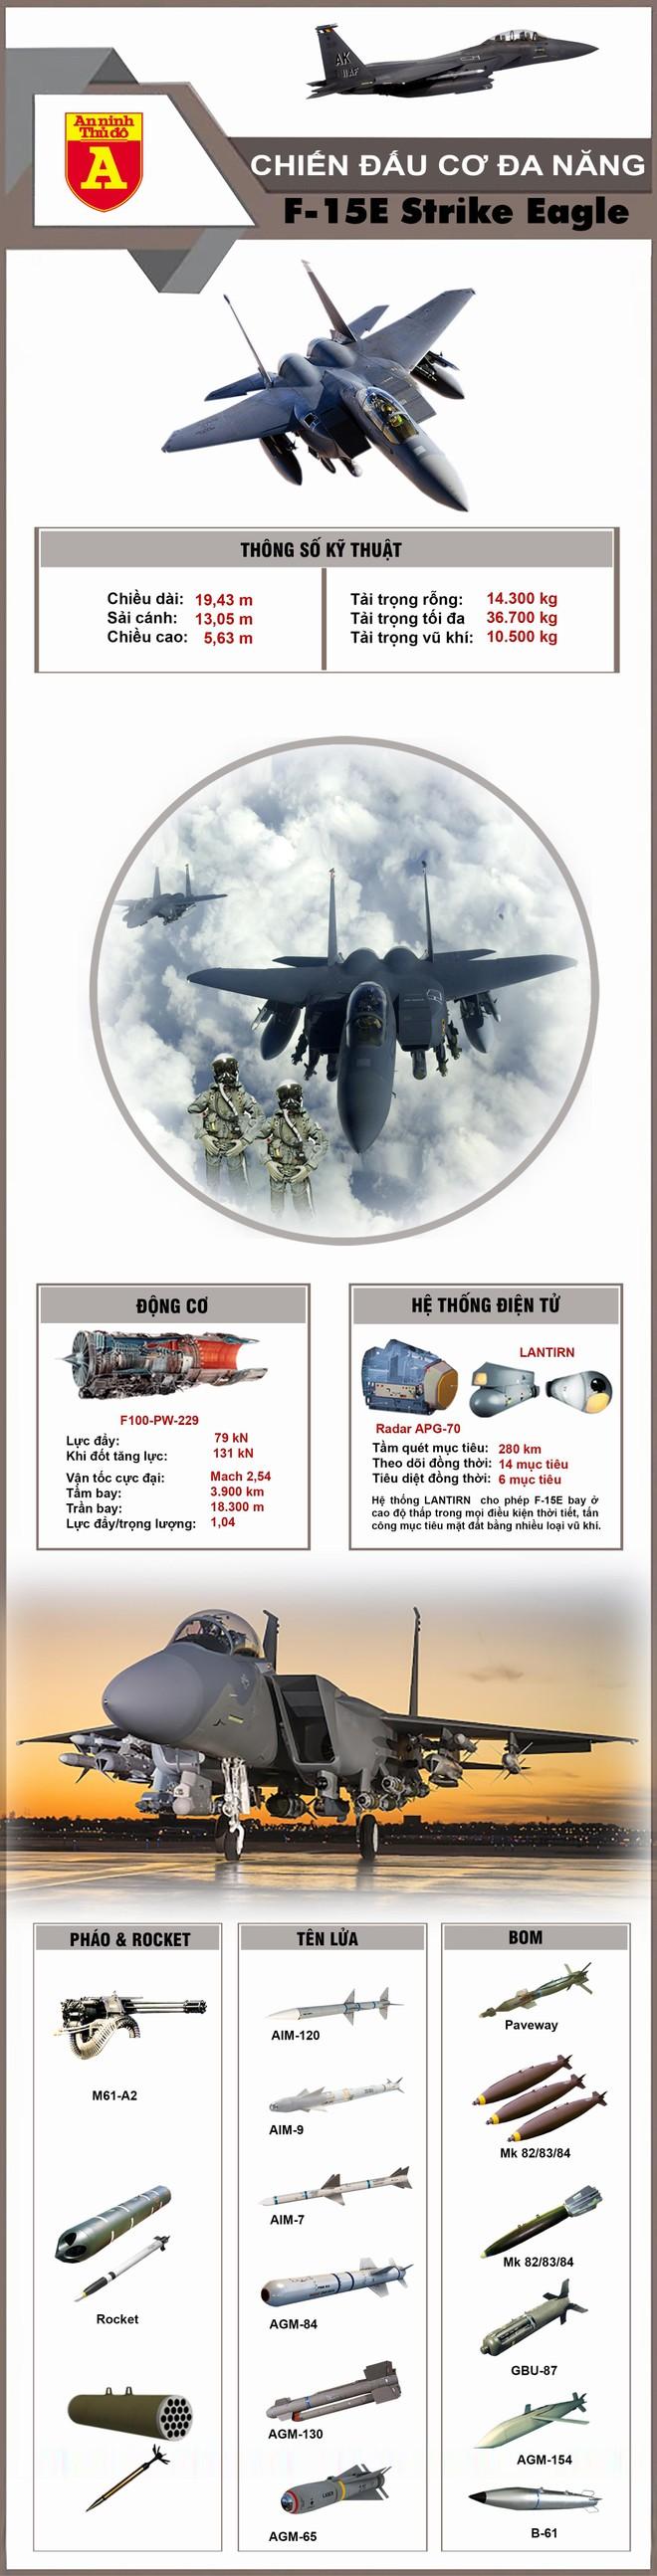 [Info] F-15E Mỹ dù bị lỗi động cơ vẫn làm nhiệm vụ trên không suốt 2 tiếng ảnh 2